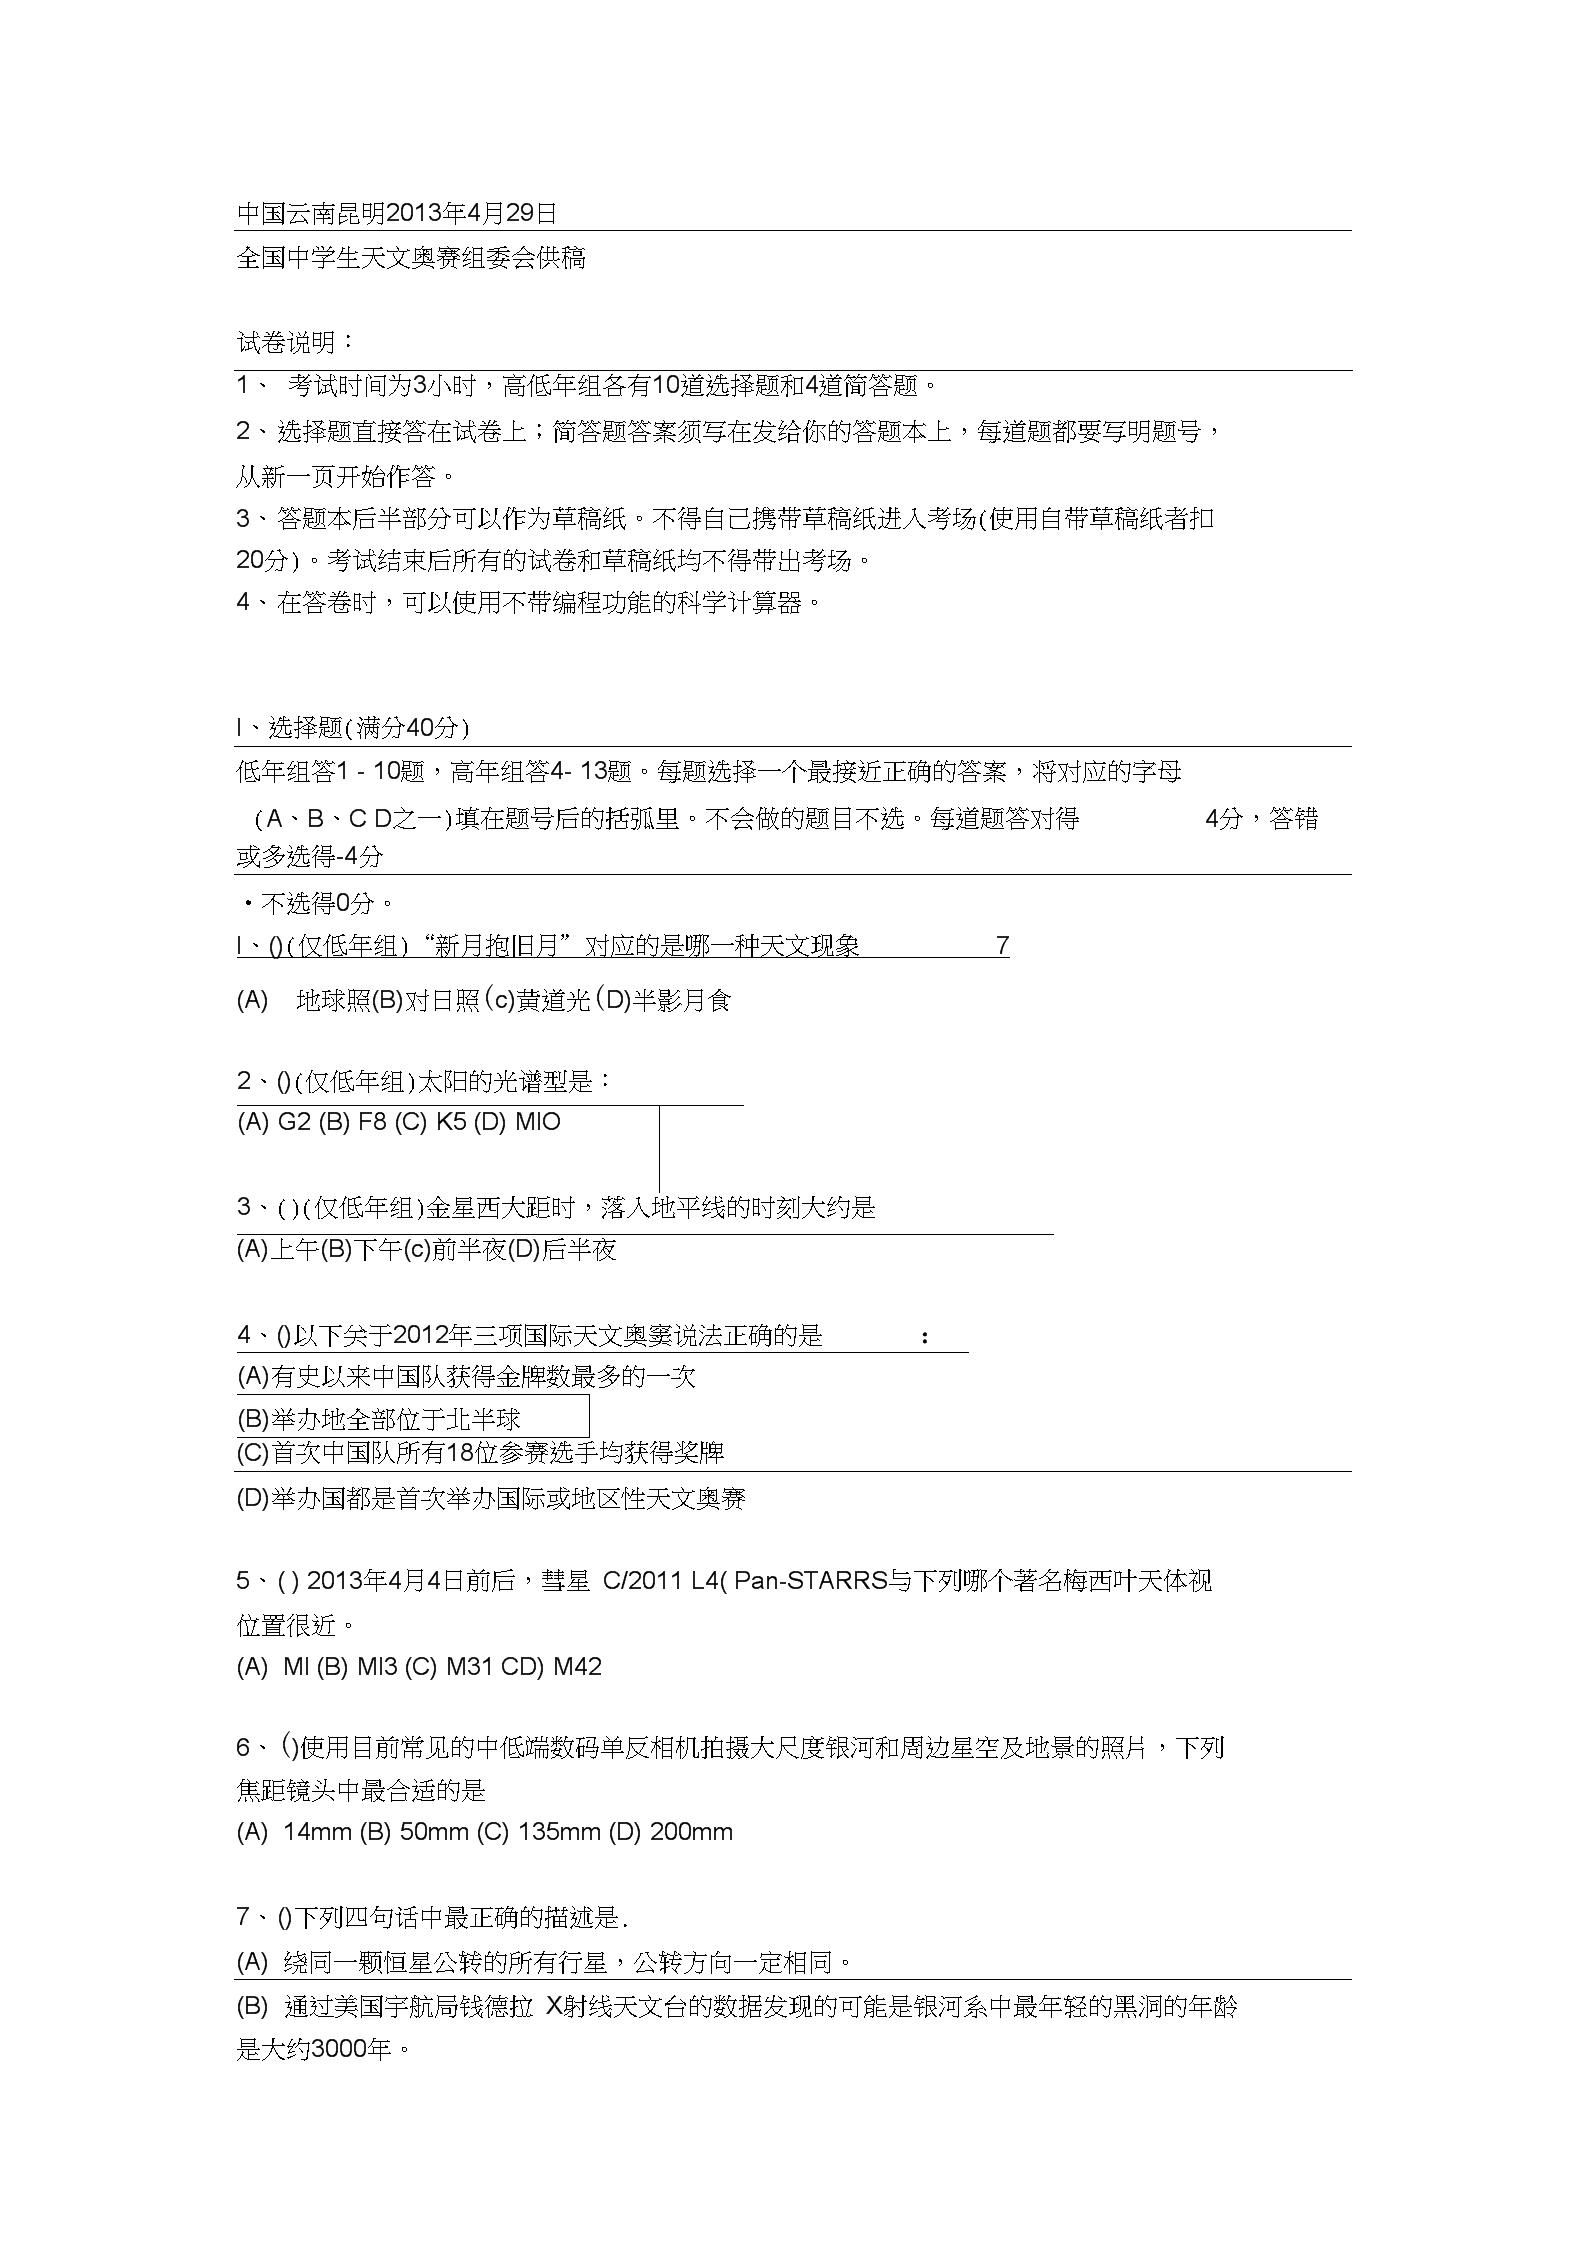 历年天文竞赛试题.docx